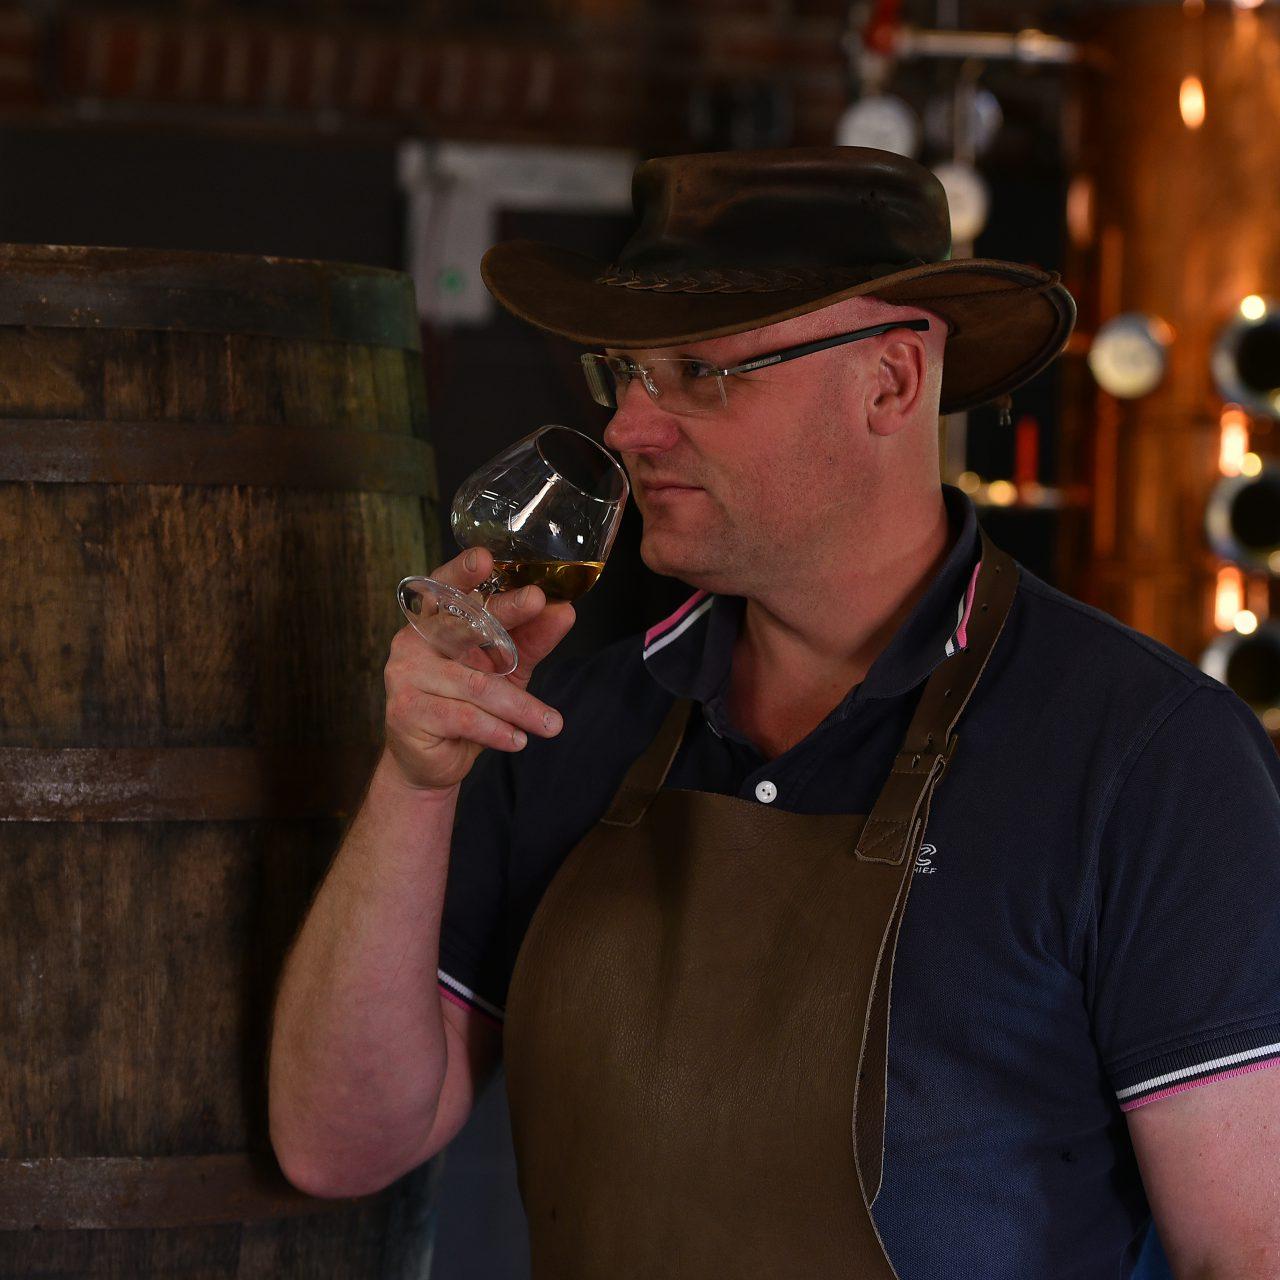 https://www.distilleerderijdebronckhorst.nl/wp-content/uploads/2019/01/WMM_0074_1-1280x1280.jpg